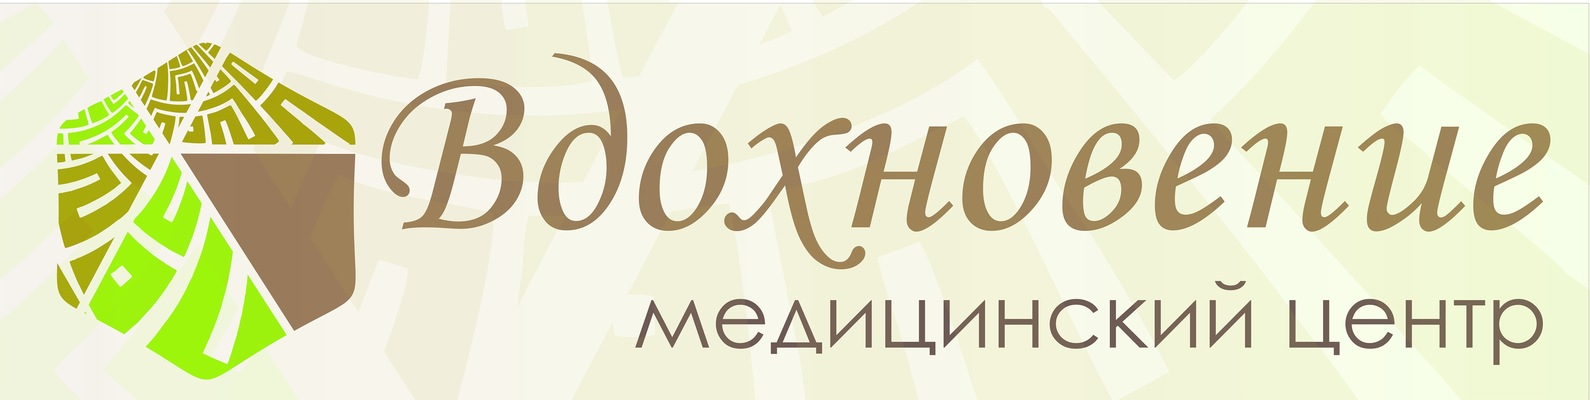 """Медицинский центр """"ВДОХНОВЕНИЕ"""""""